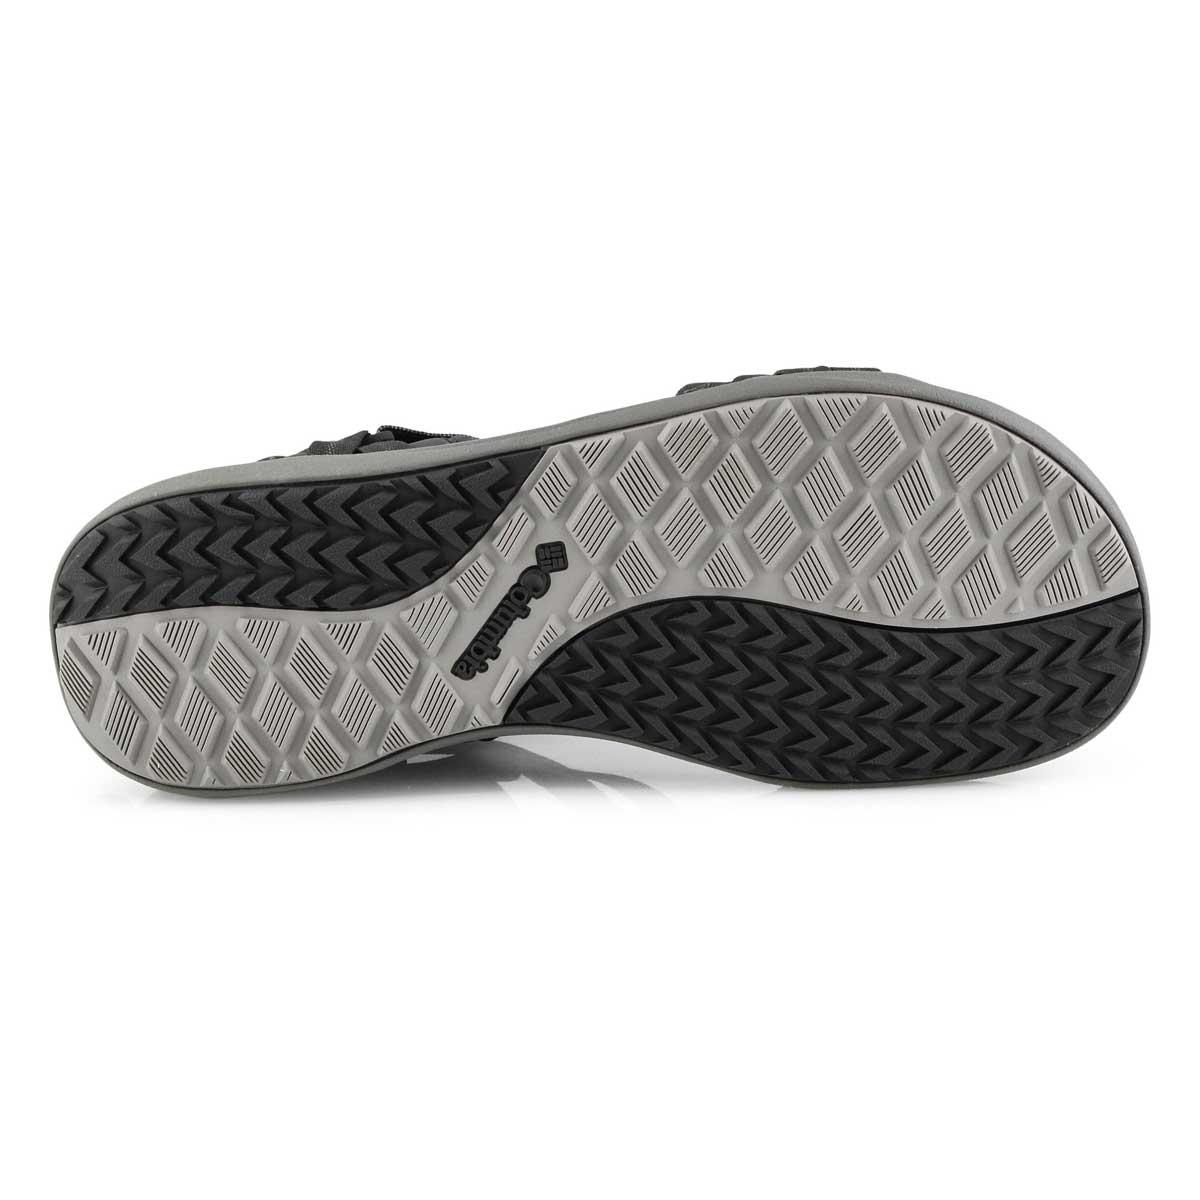 Lds Columbia Sandal shark sport sandal